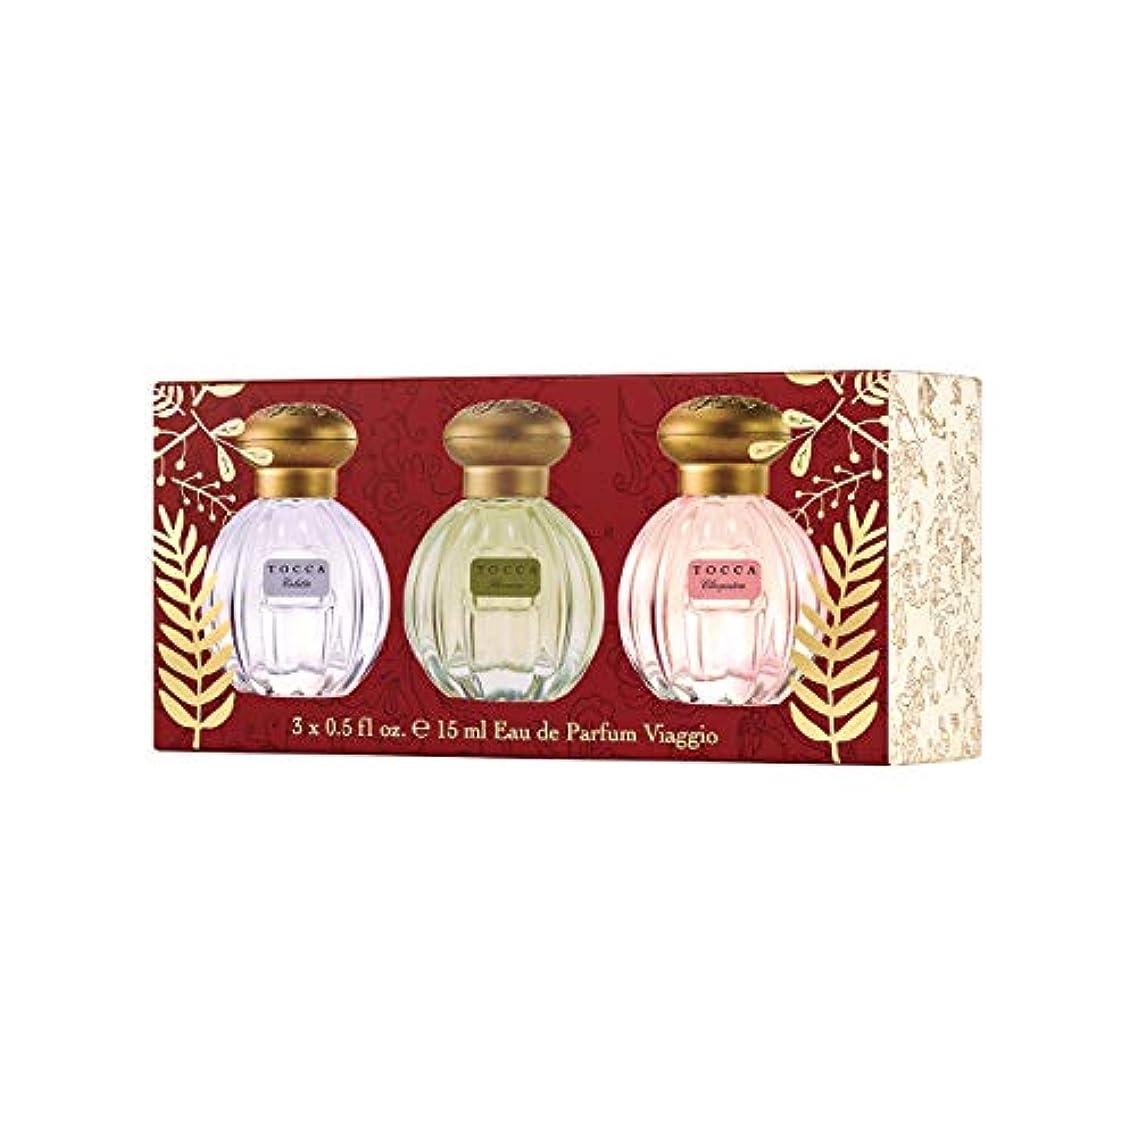 対処お手伝いさん付き添い人TOCCA ミニオードパルファムセットパルマ(小さな香水が3個入った贅沢ギフト)